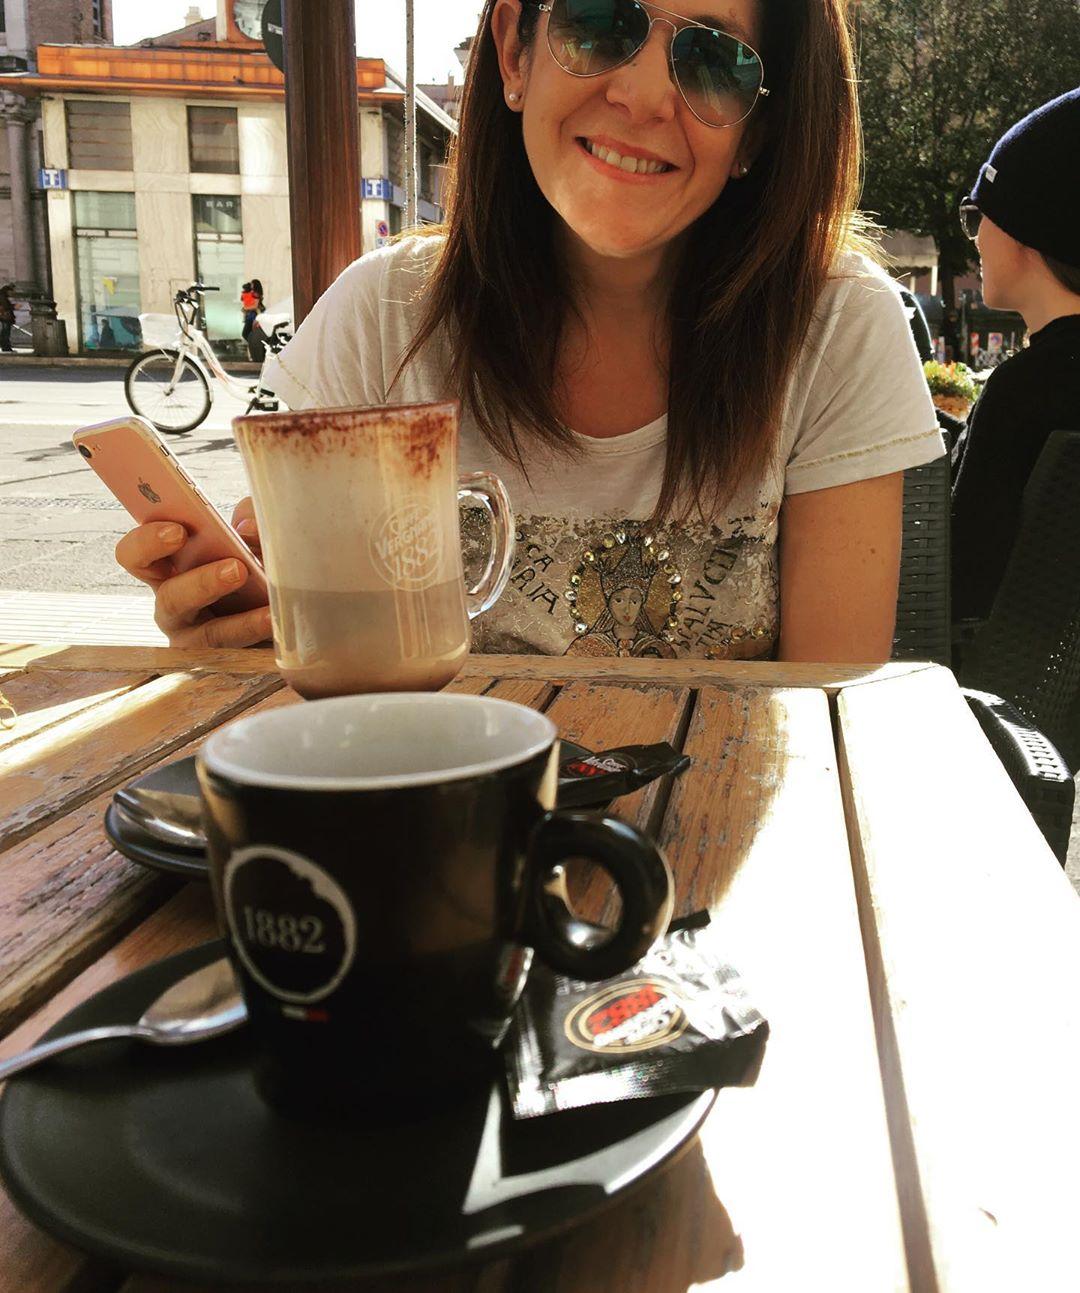 Bei caffè al sole di novembre w/ @mariapiea